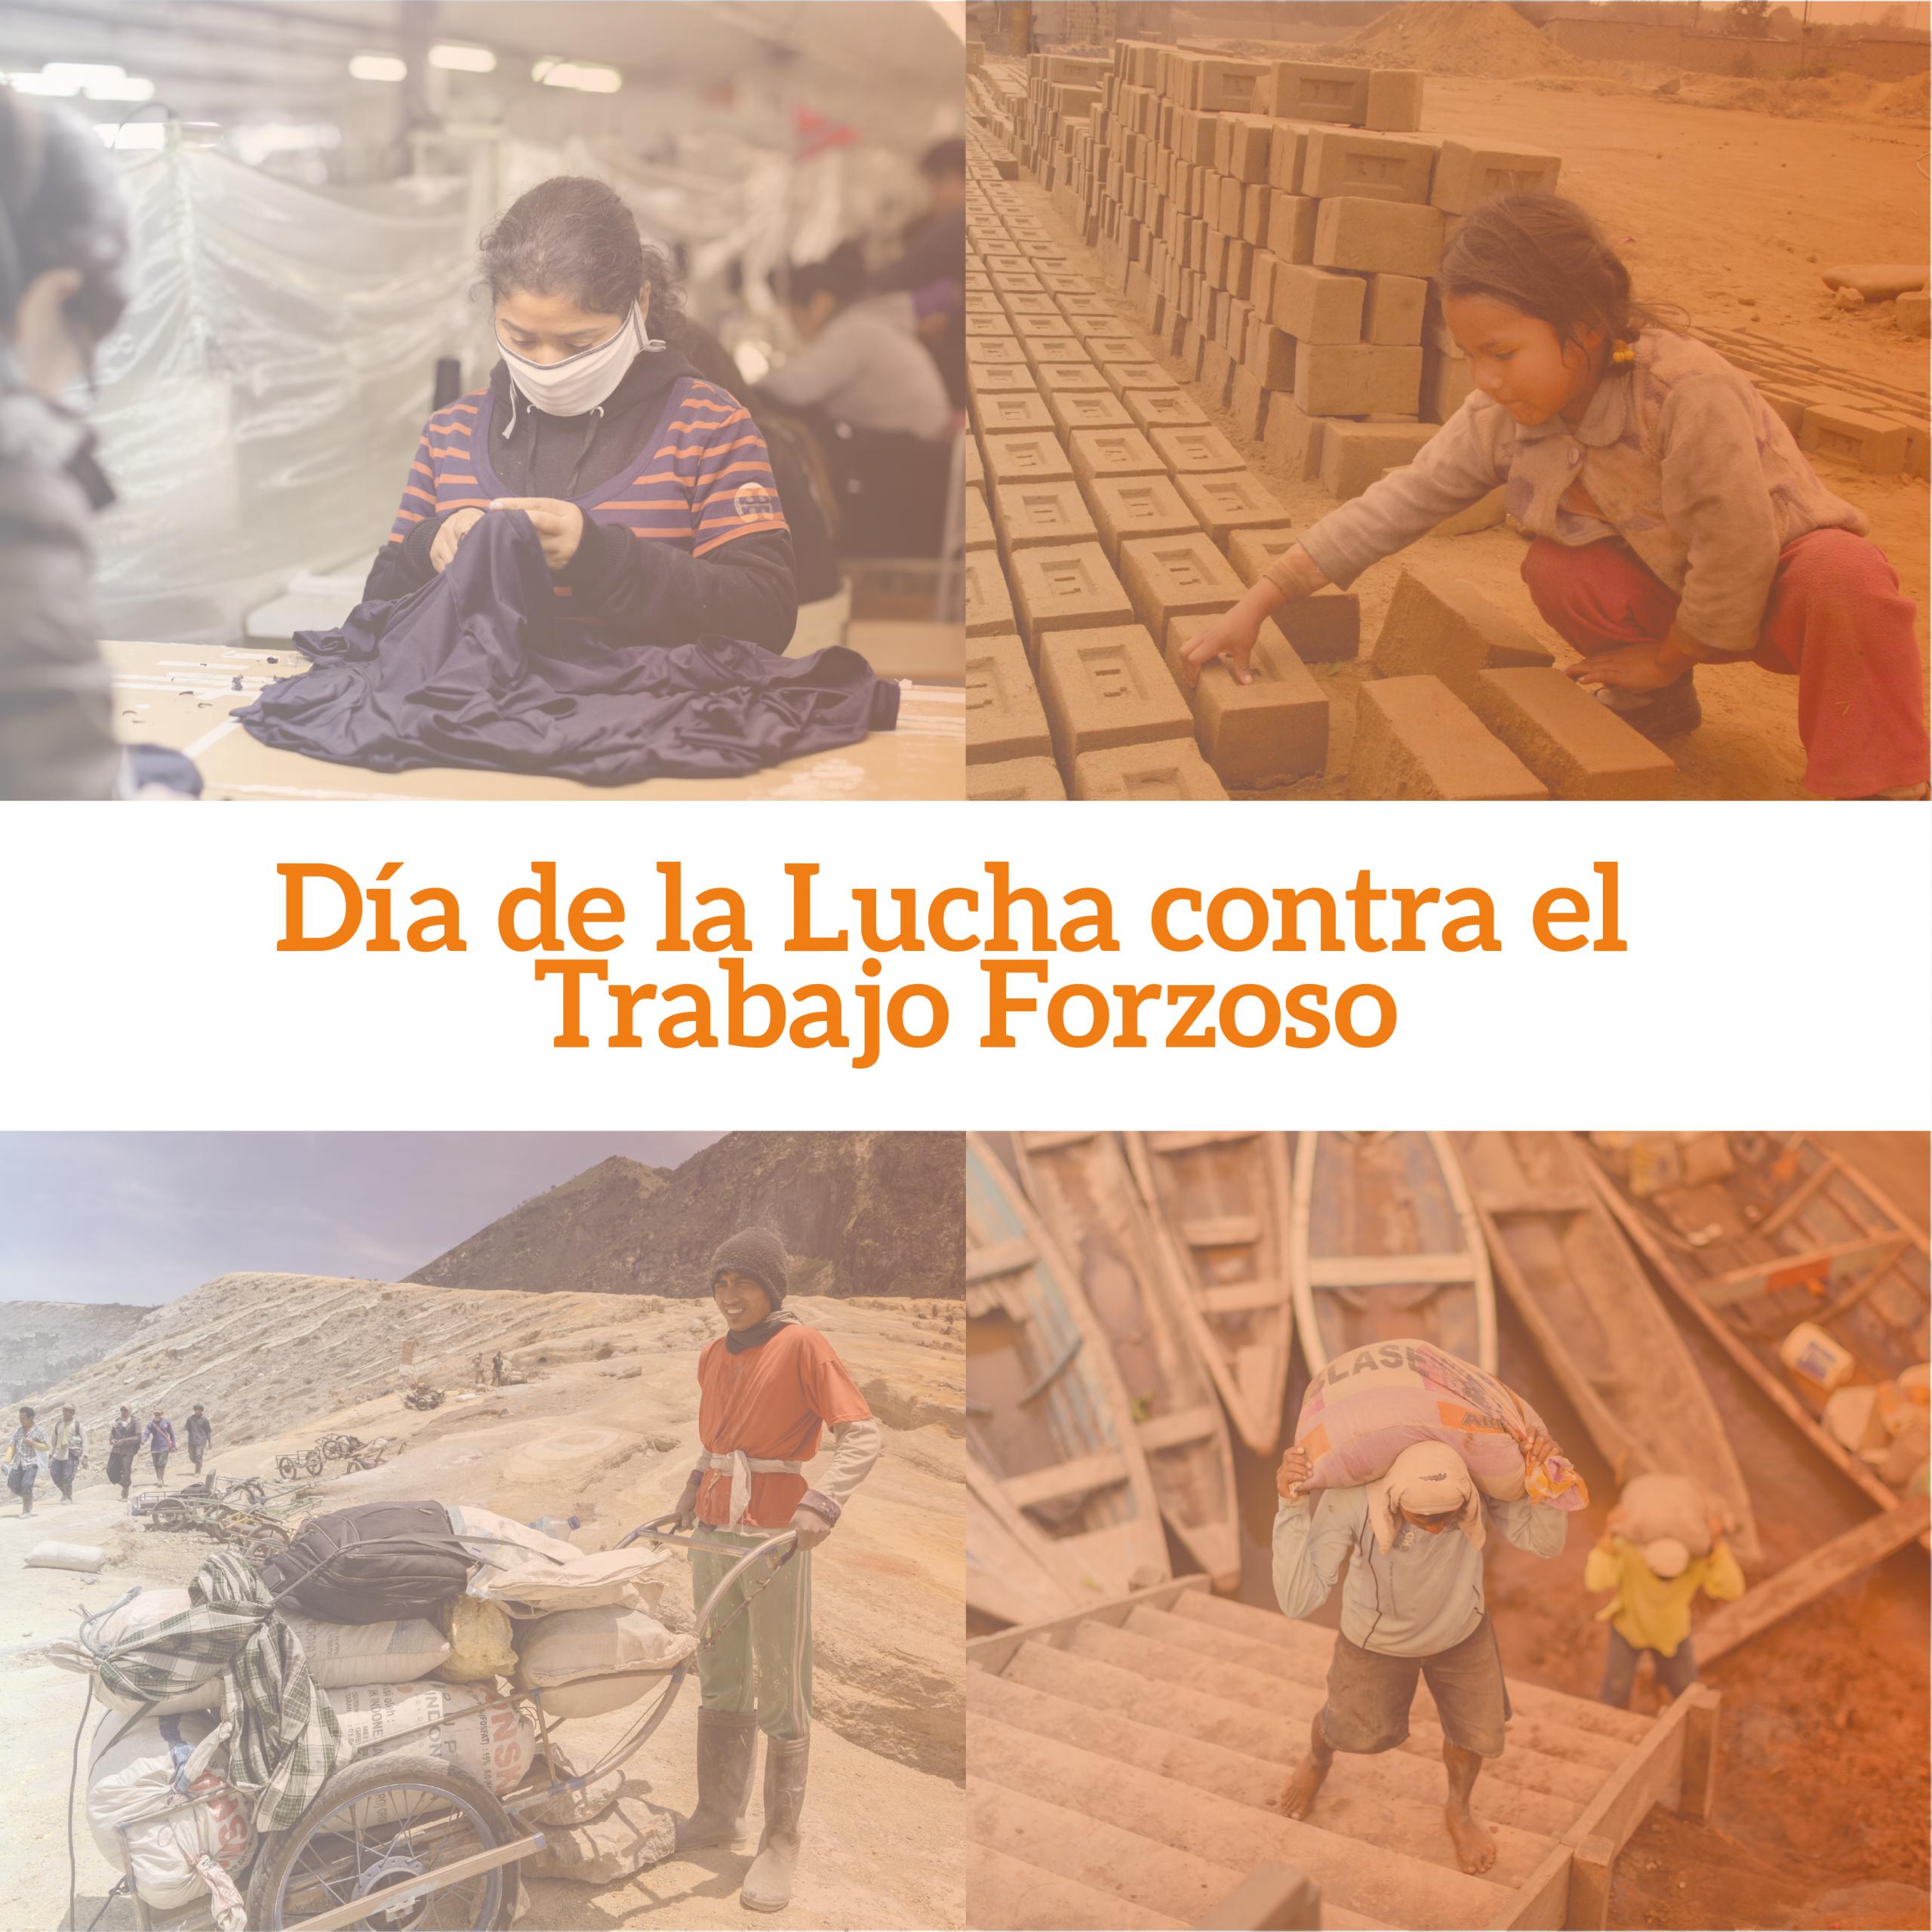 Comisiones Regionales Especializadas en la Lucha contra el Trabajo Forzoso y CHS Alternativo se unen para lanzar una campaña informativa y de prevención del delito de trabajo forzoso en Cusco y Loreto